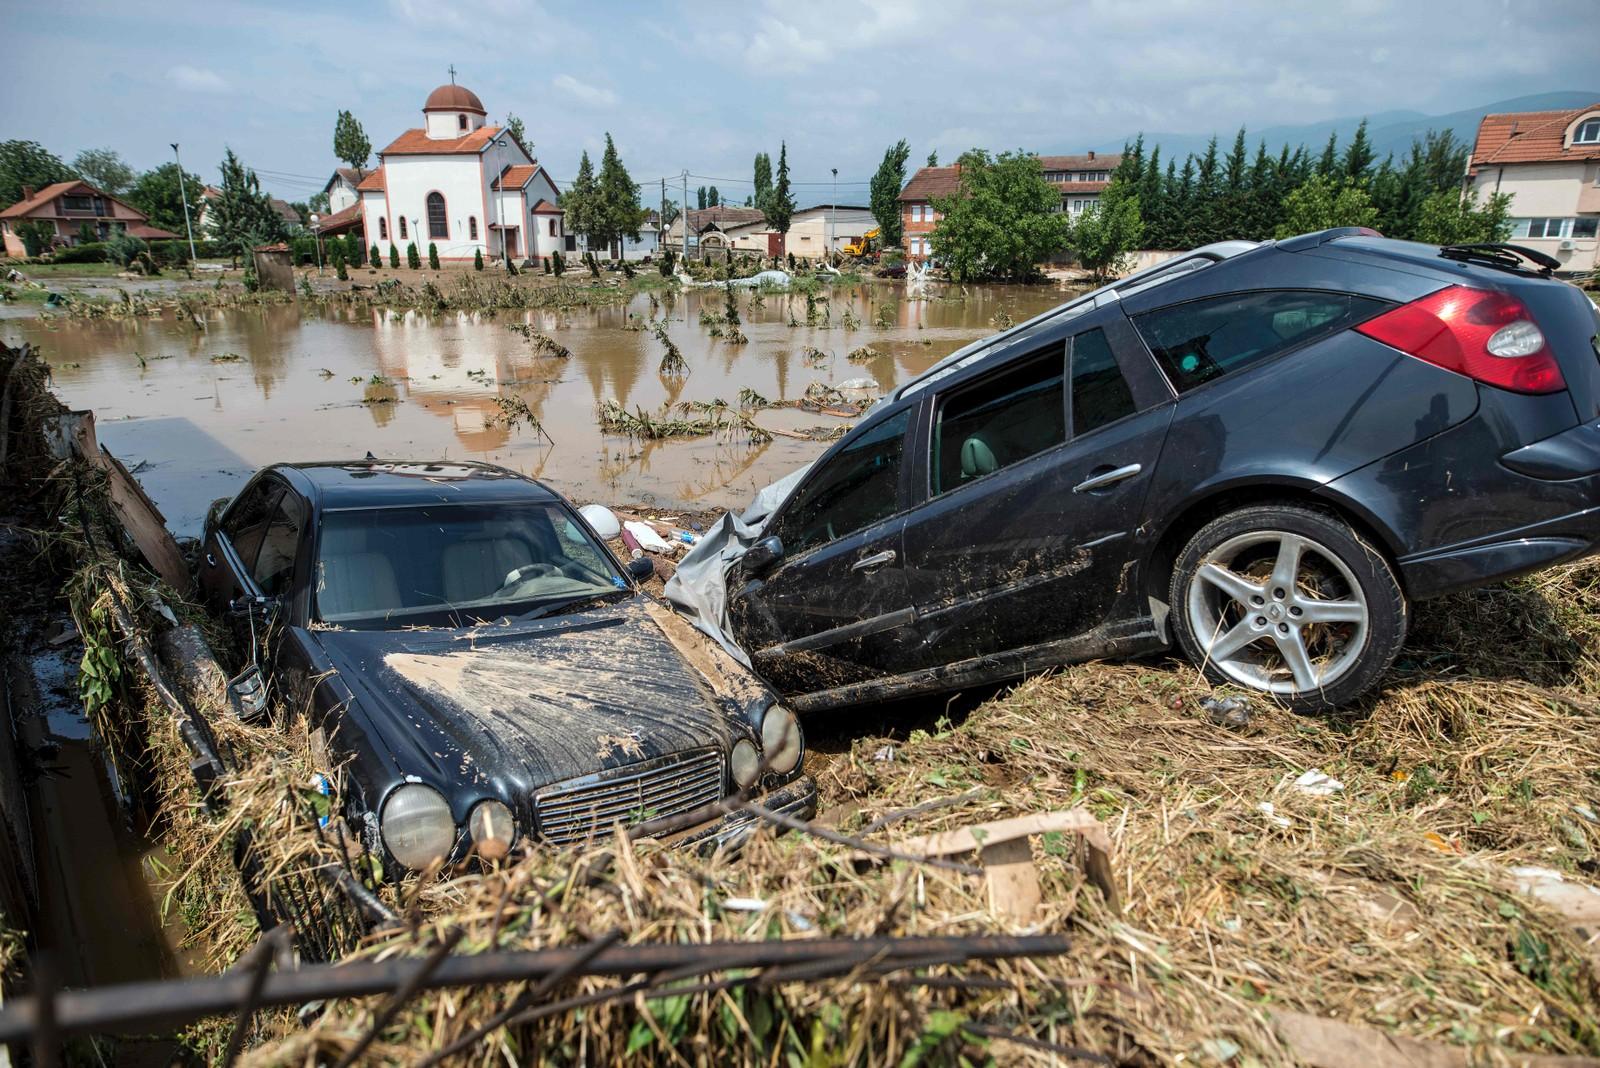 Bilder fra Stajkovci rett utenfor Skopje, viser hvordan flommen har dratt med seg biler. Det var landsbyene rett utenfor byen det gikk verst utover under uværet.